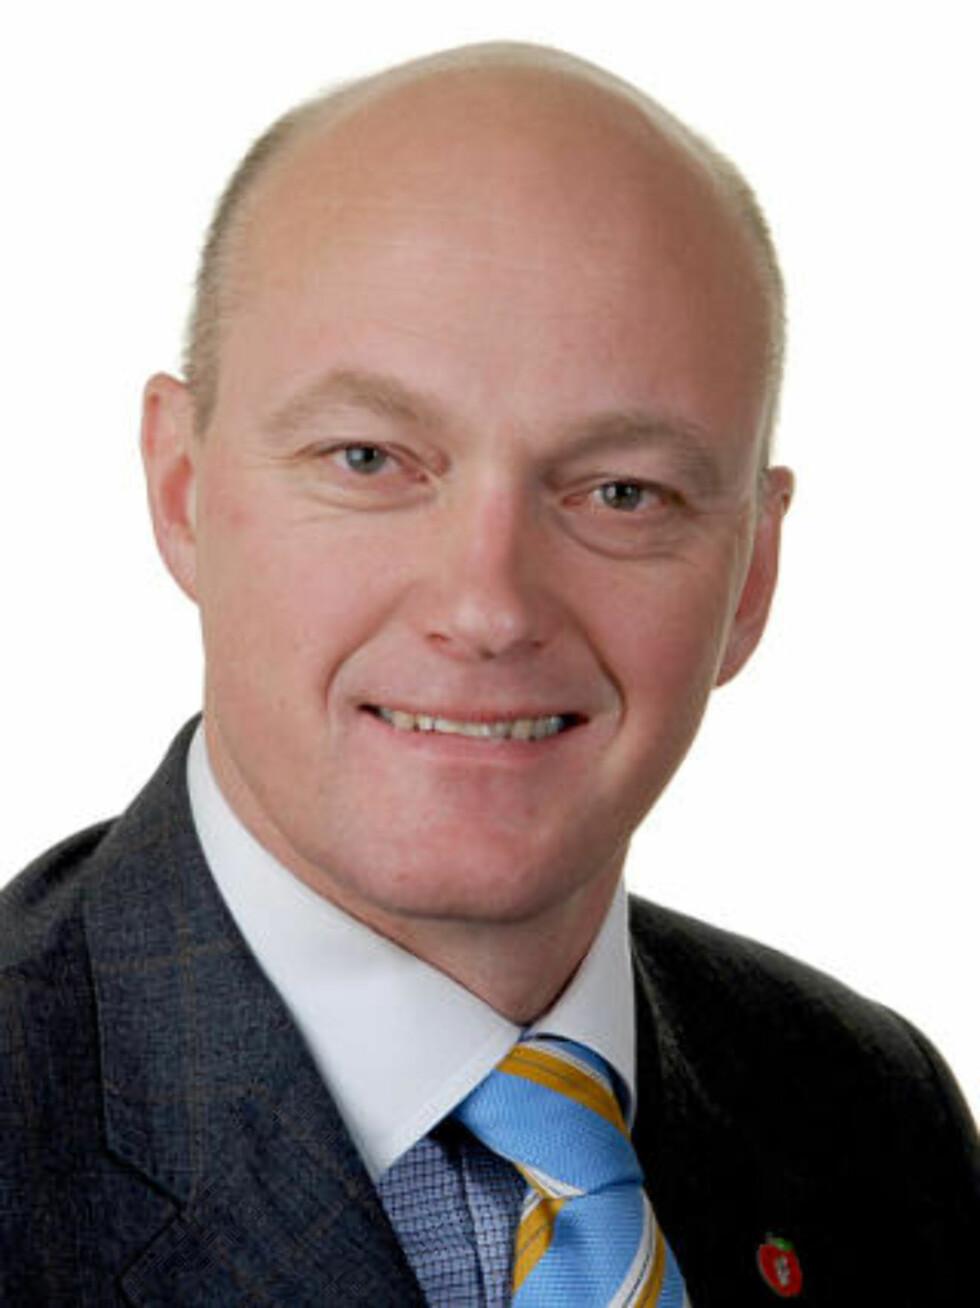 KRITISERER: Stortingsrepresentant og medlem av Justiskomiteen, Hans Frode Asmyhr (Frp), er ikke imponert over regjeringens innsats for bortførte barn. Foto: Fremskrittspartiet